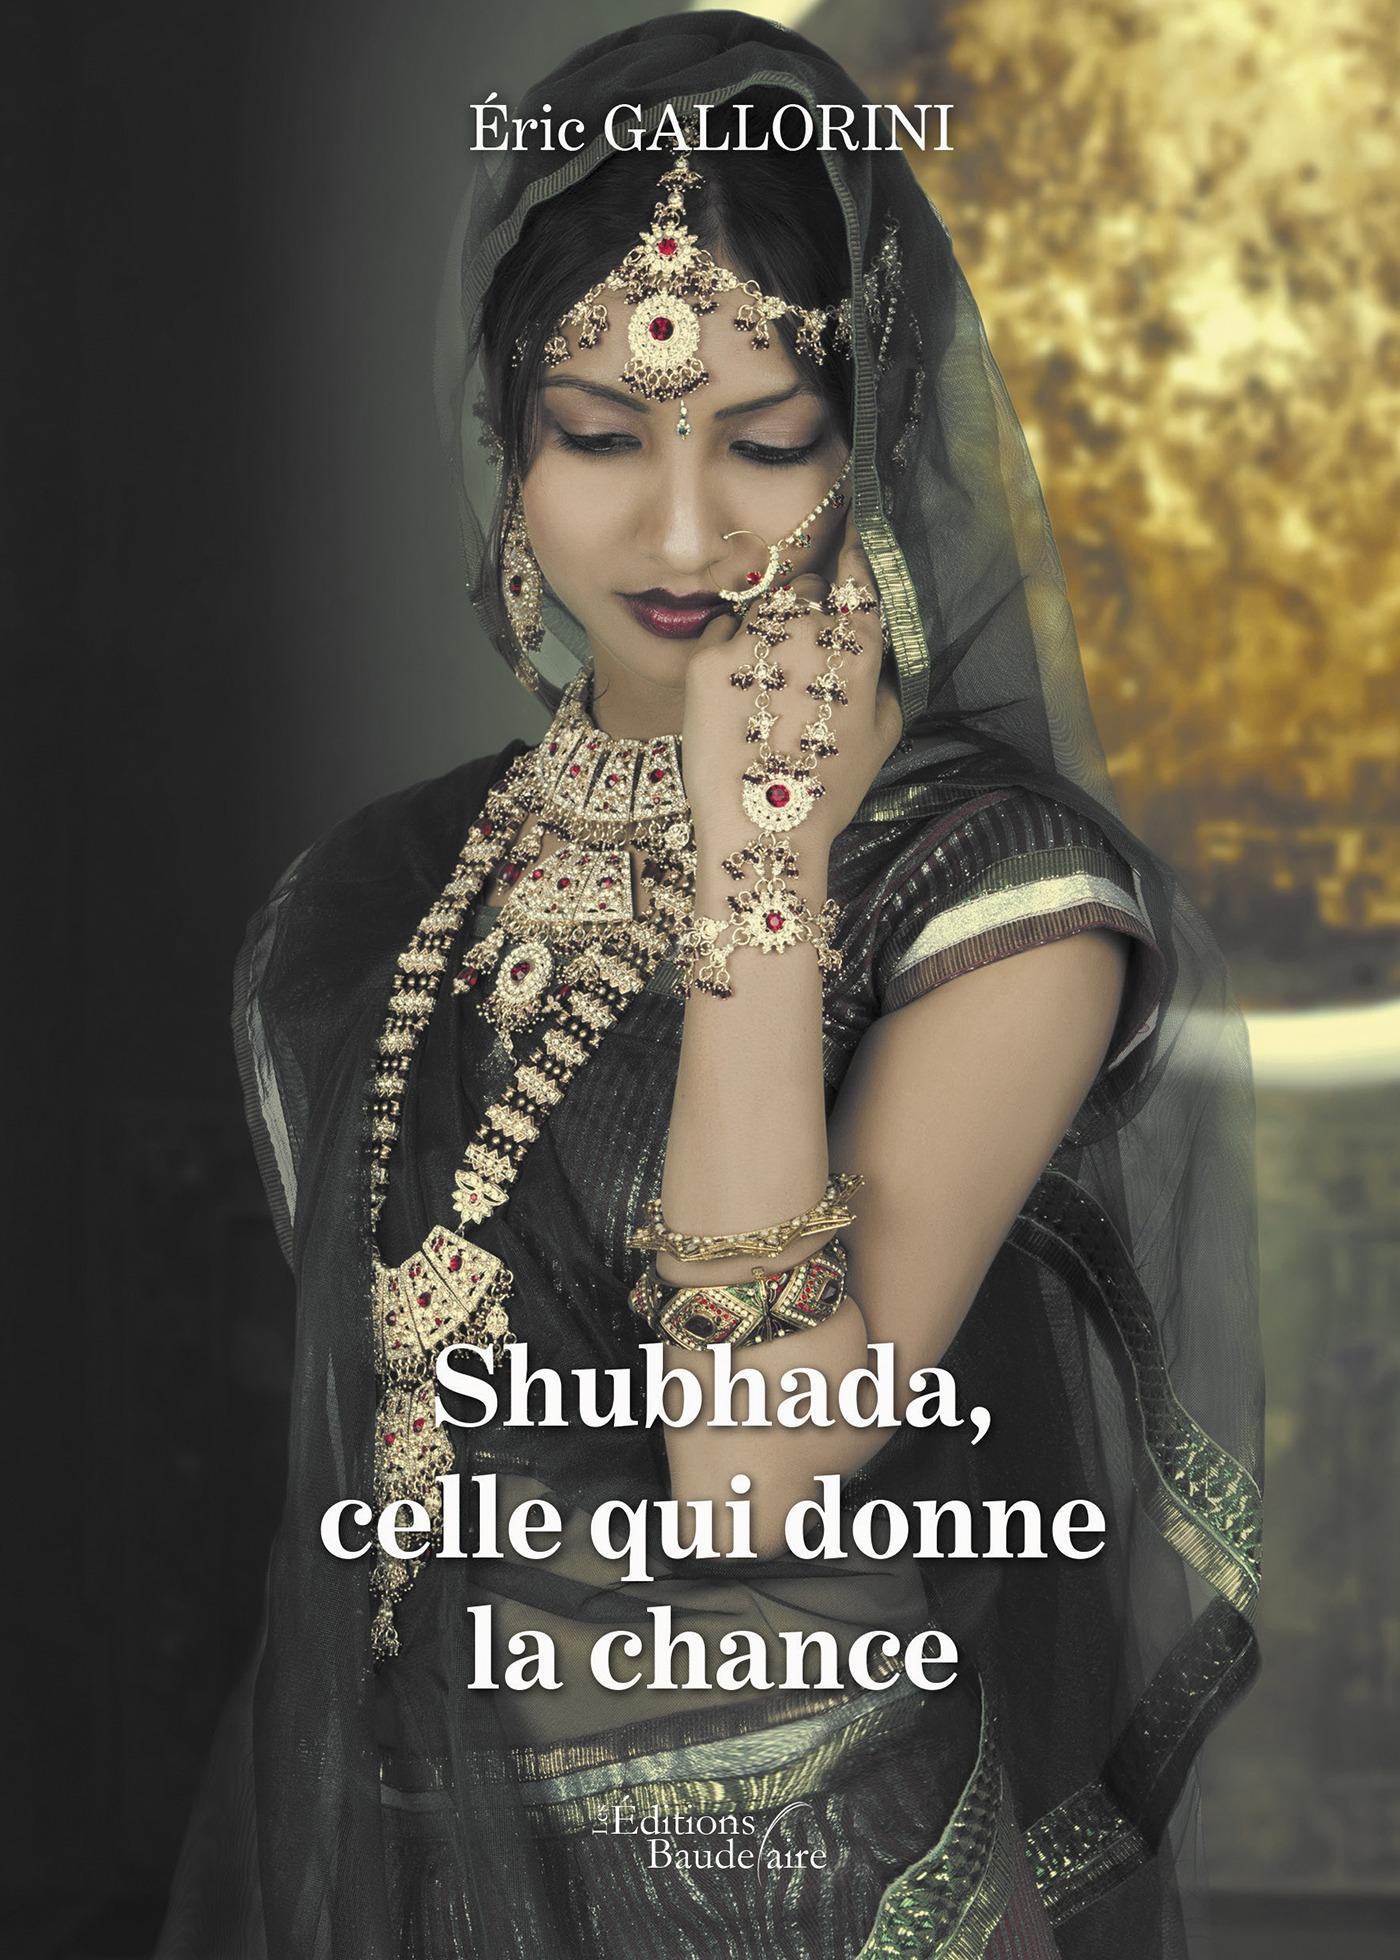 Shubhada, celle qui donne la chance